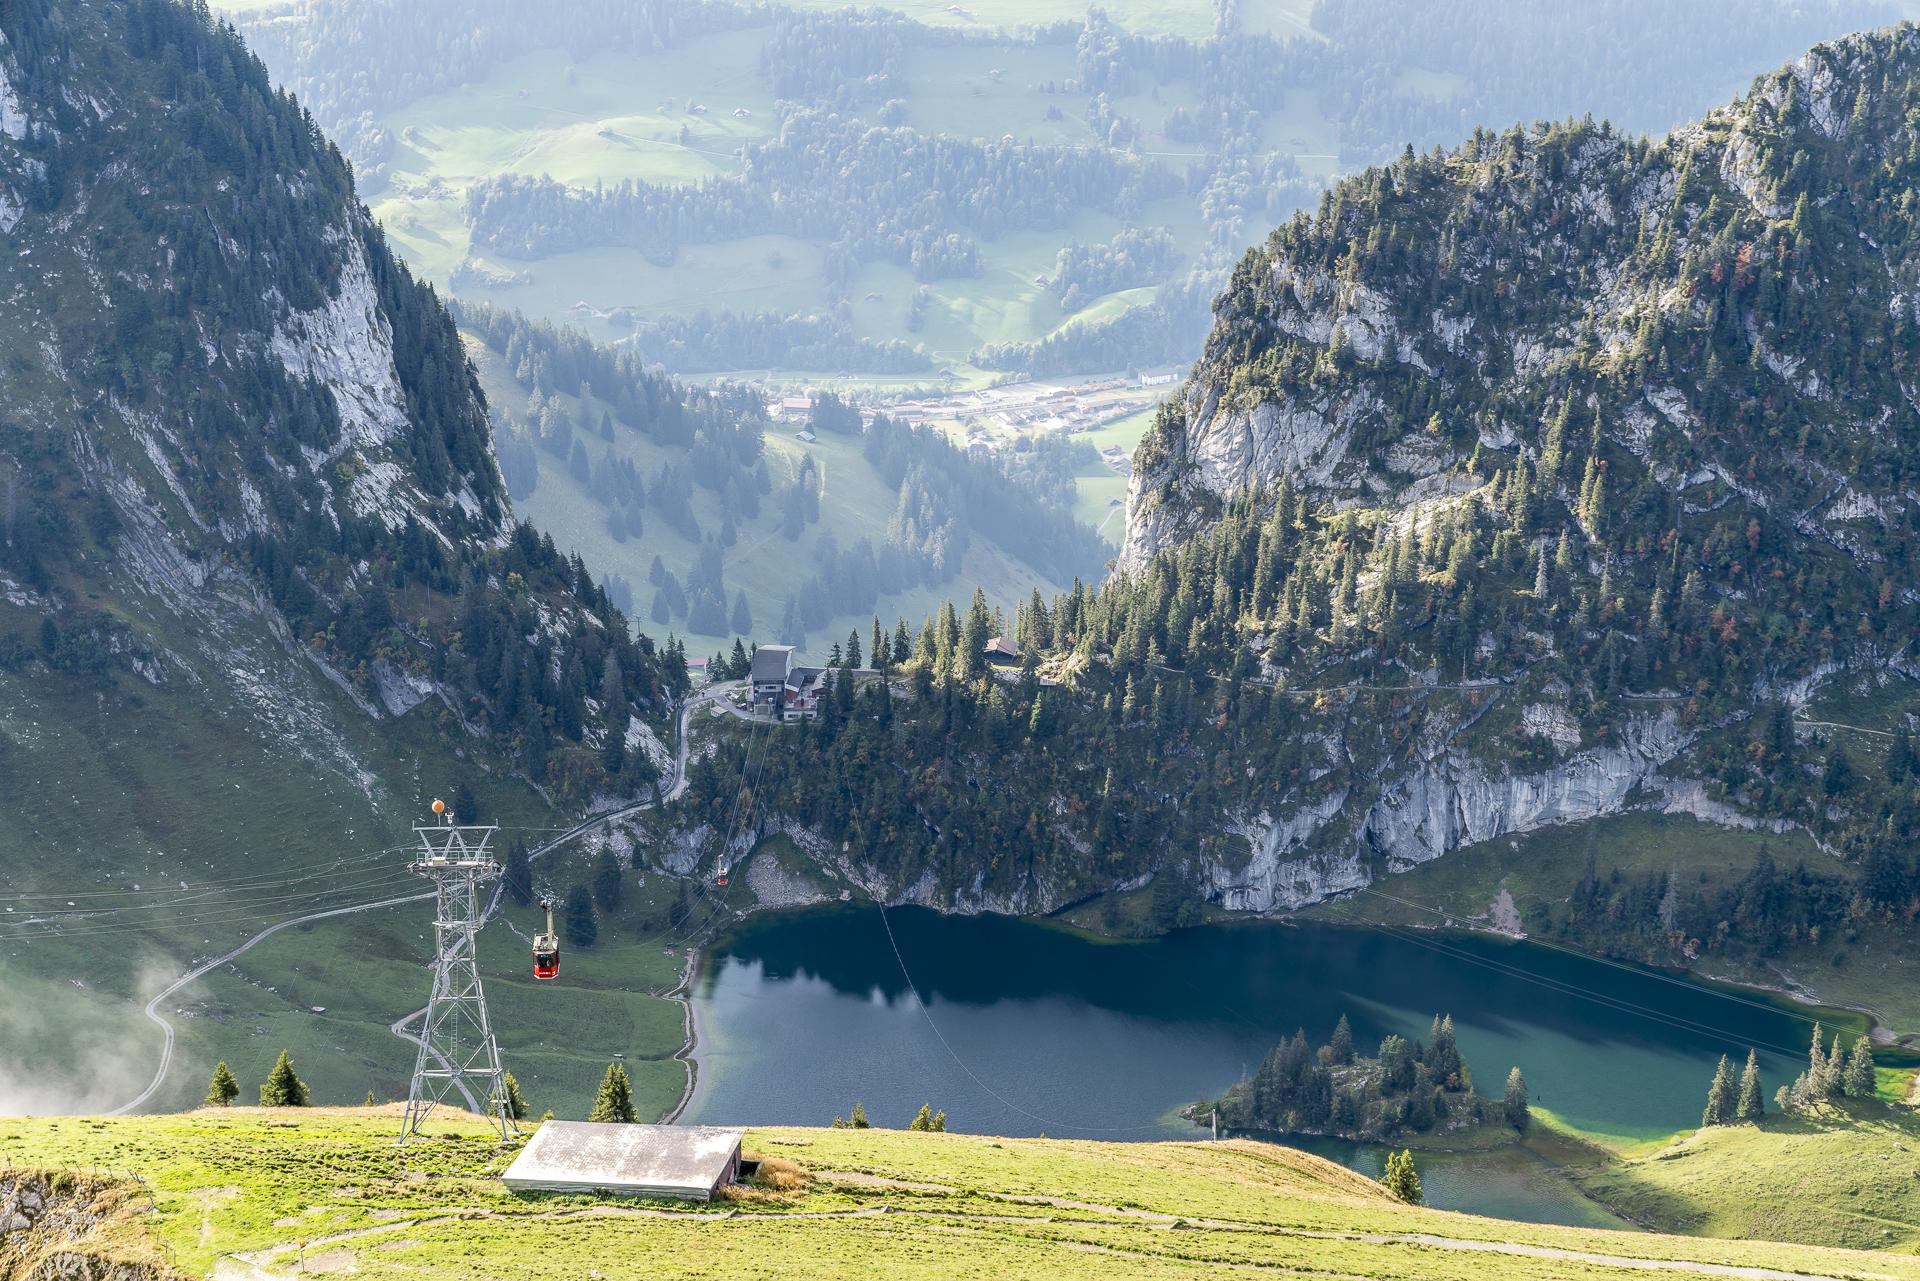 Stockhornbahn Simmental